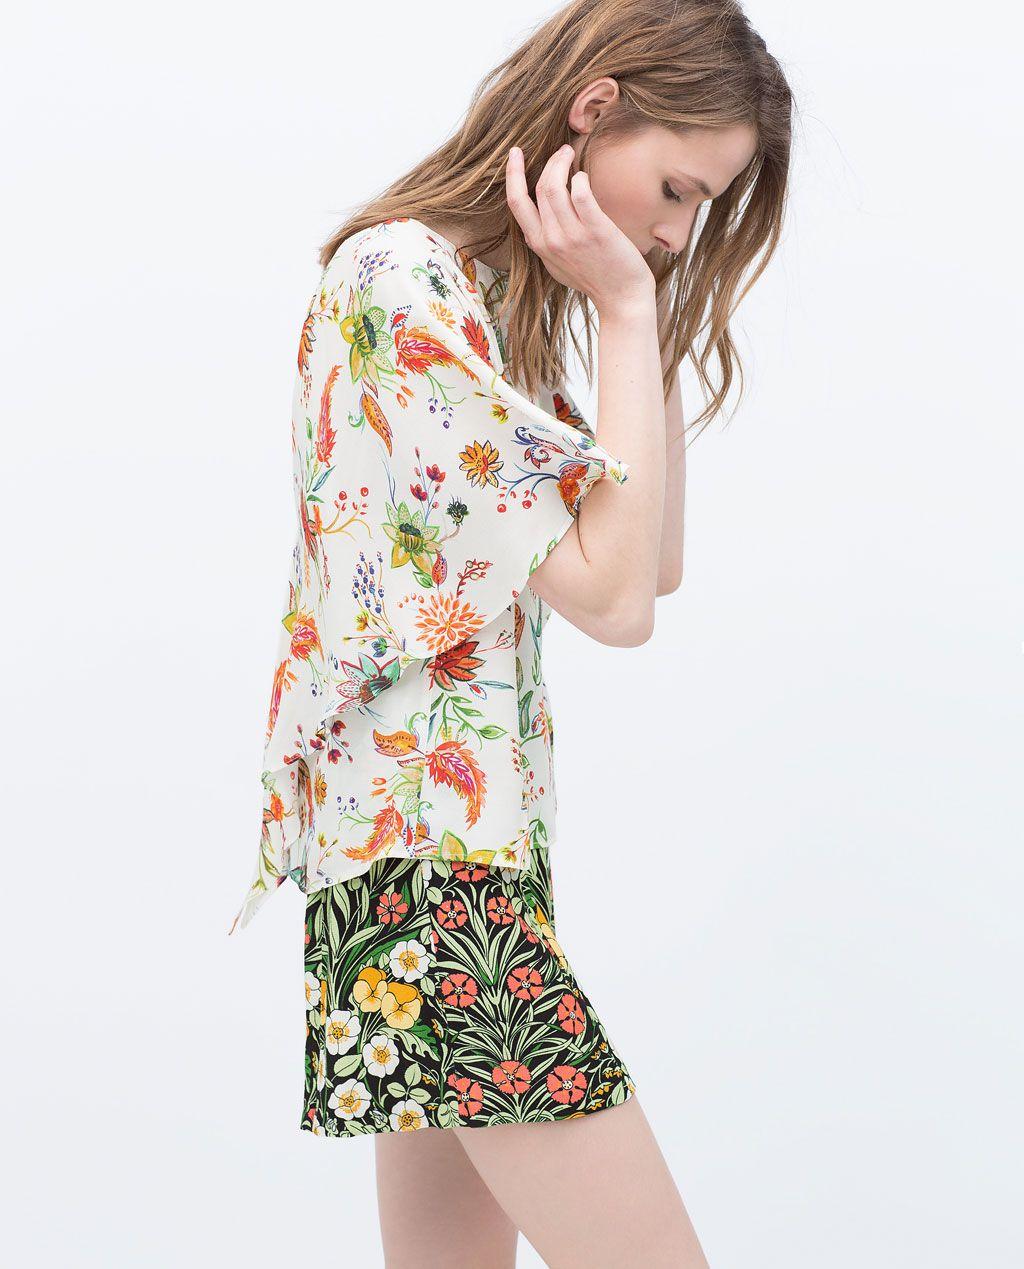 ZARA MUJER TOP ESTAMPADO | ropap | Zara, Mujeres y Camisas